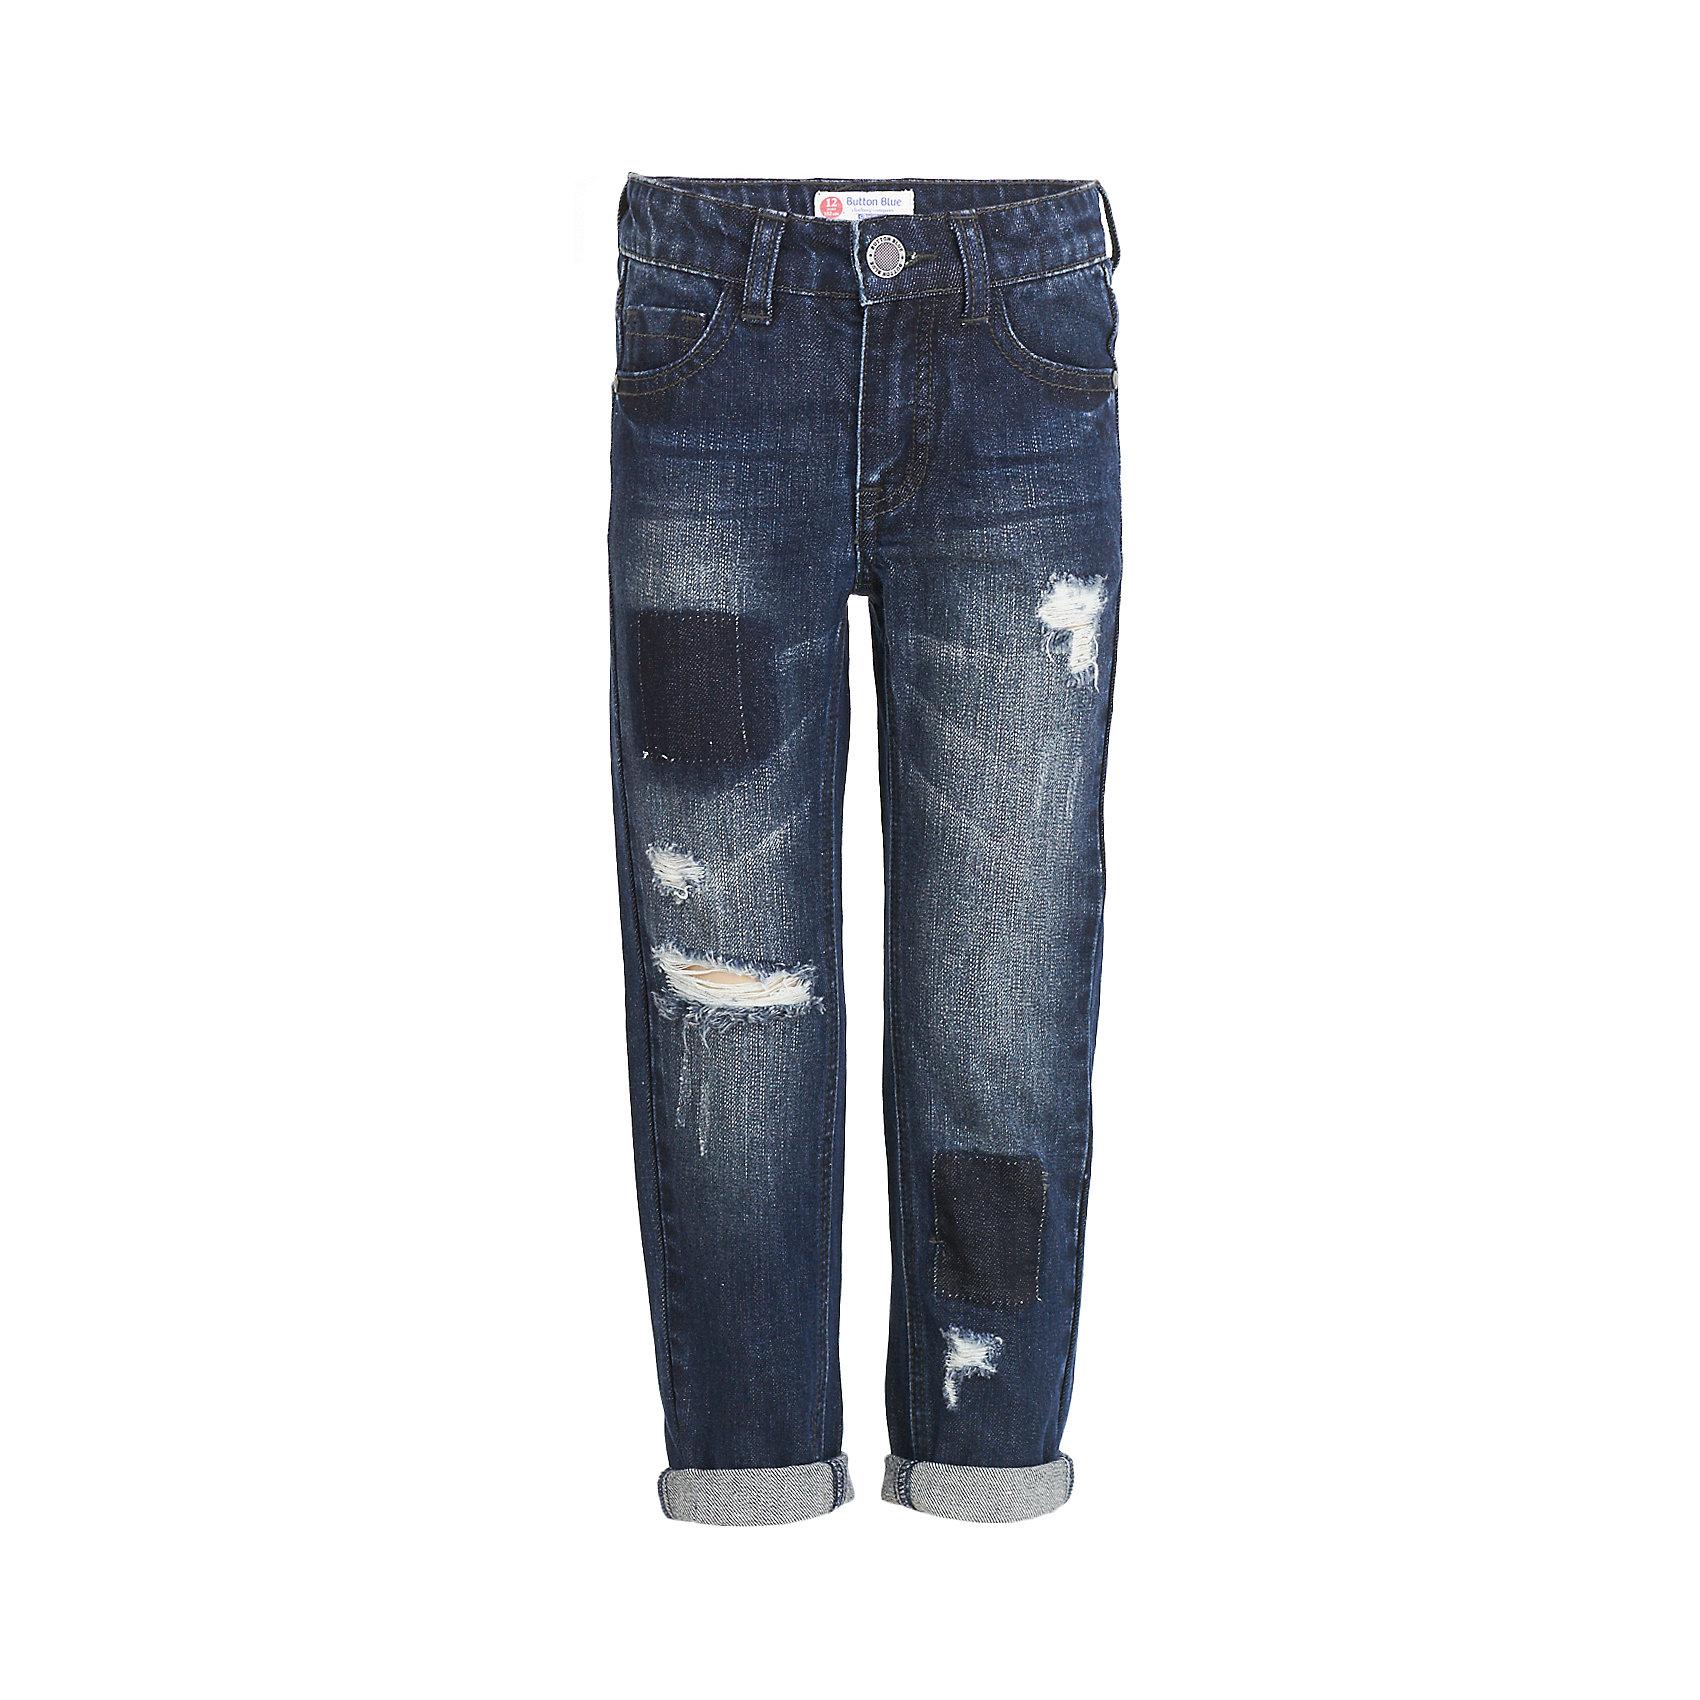 Джинсы Button Blue для мальчикаДжинсы<br>Характеристики товара:<br><br>• цвет: темно-синий;<br>• состав: 100% хлопок;<br>• сезон: демисезон;<br>• особенности: однотонные, с потертостями;<br>• застежка: ширинка на молнии и пуговица;<br>• внутренняя регулировка обхвата талии;<br>• штанины с отворотами;<br>• накладные карманы сзади;<br>• два кармана спереди + мини-карман;<br>• страна бренда: Россия;<br>• страна изготовитель: Китай.<br><br>Джинсы с потертостями для мальчика. Голубые джинсы с отворотами застегиваются на ширинку на молнии и пуговицу. <br><br>Джинсы Button Blue (Баттон Блю) можно купить в нашем интернет-магазине.<br><br>Ширина мм: 215<br>Глубина мм: 88<br>Высота мм: 191<br>Вес г: 336<br>Цвет: черный<br>Возраст от месяцев: 144<br>Возраст до месяцев: 156<br>Пол: Мужской<br>Возраст: Детский<br>Размер: 158,98,104,110,116,122,128,134,140,146,152<br>SKU: 7038809